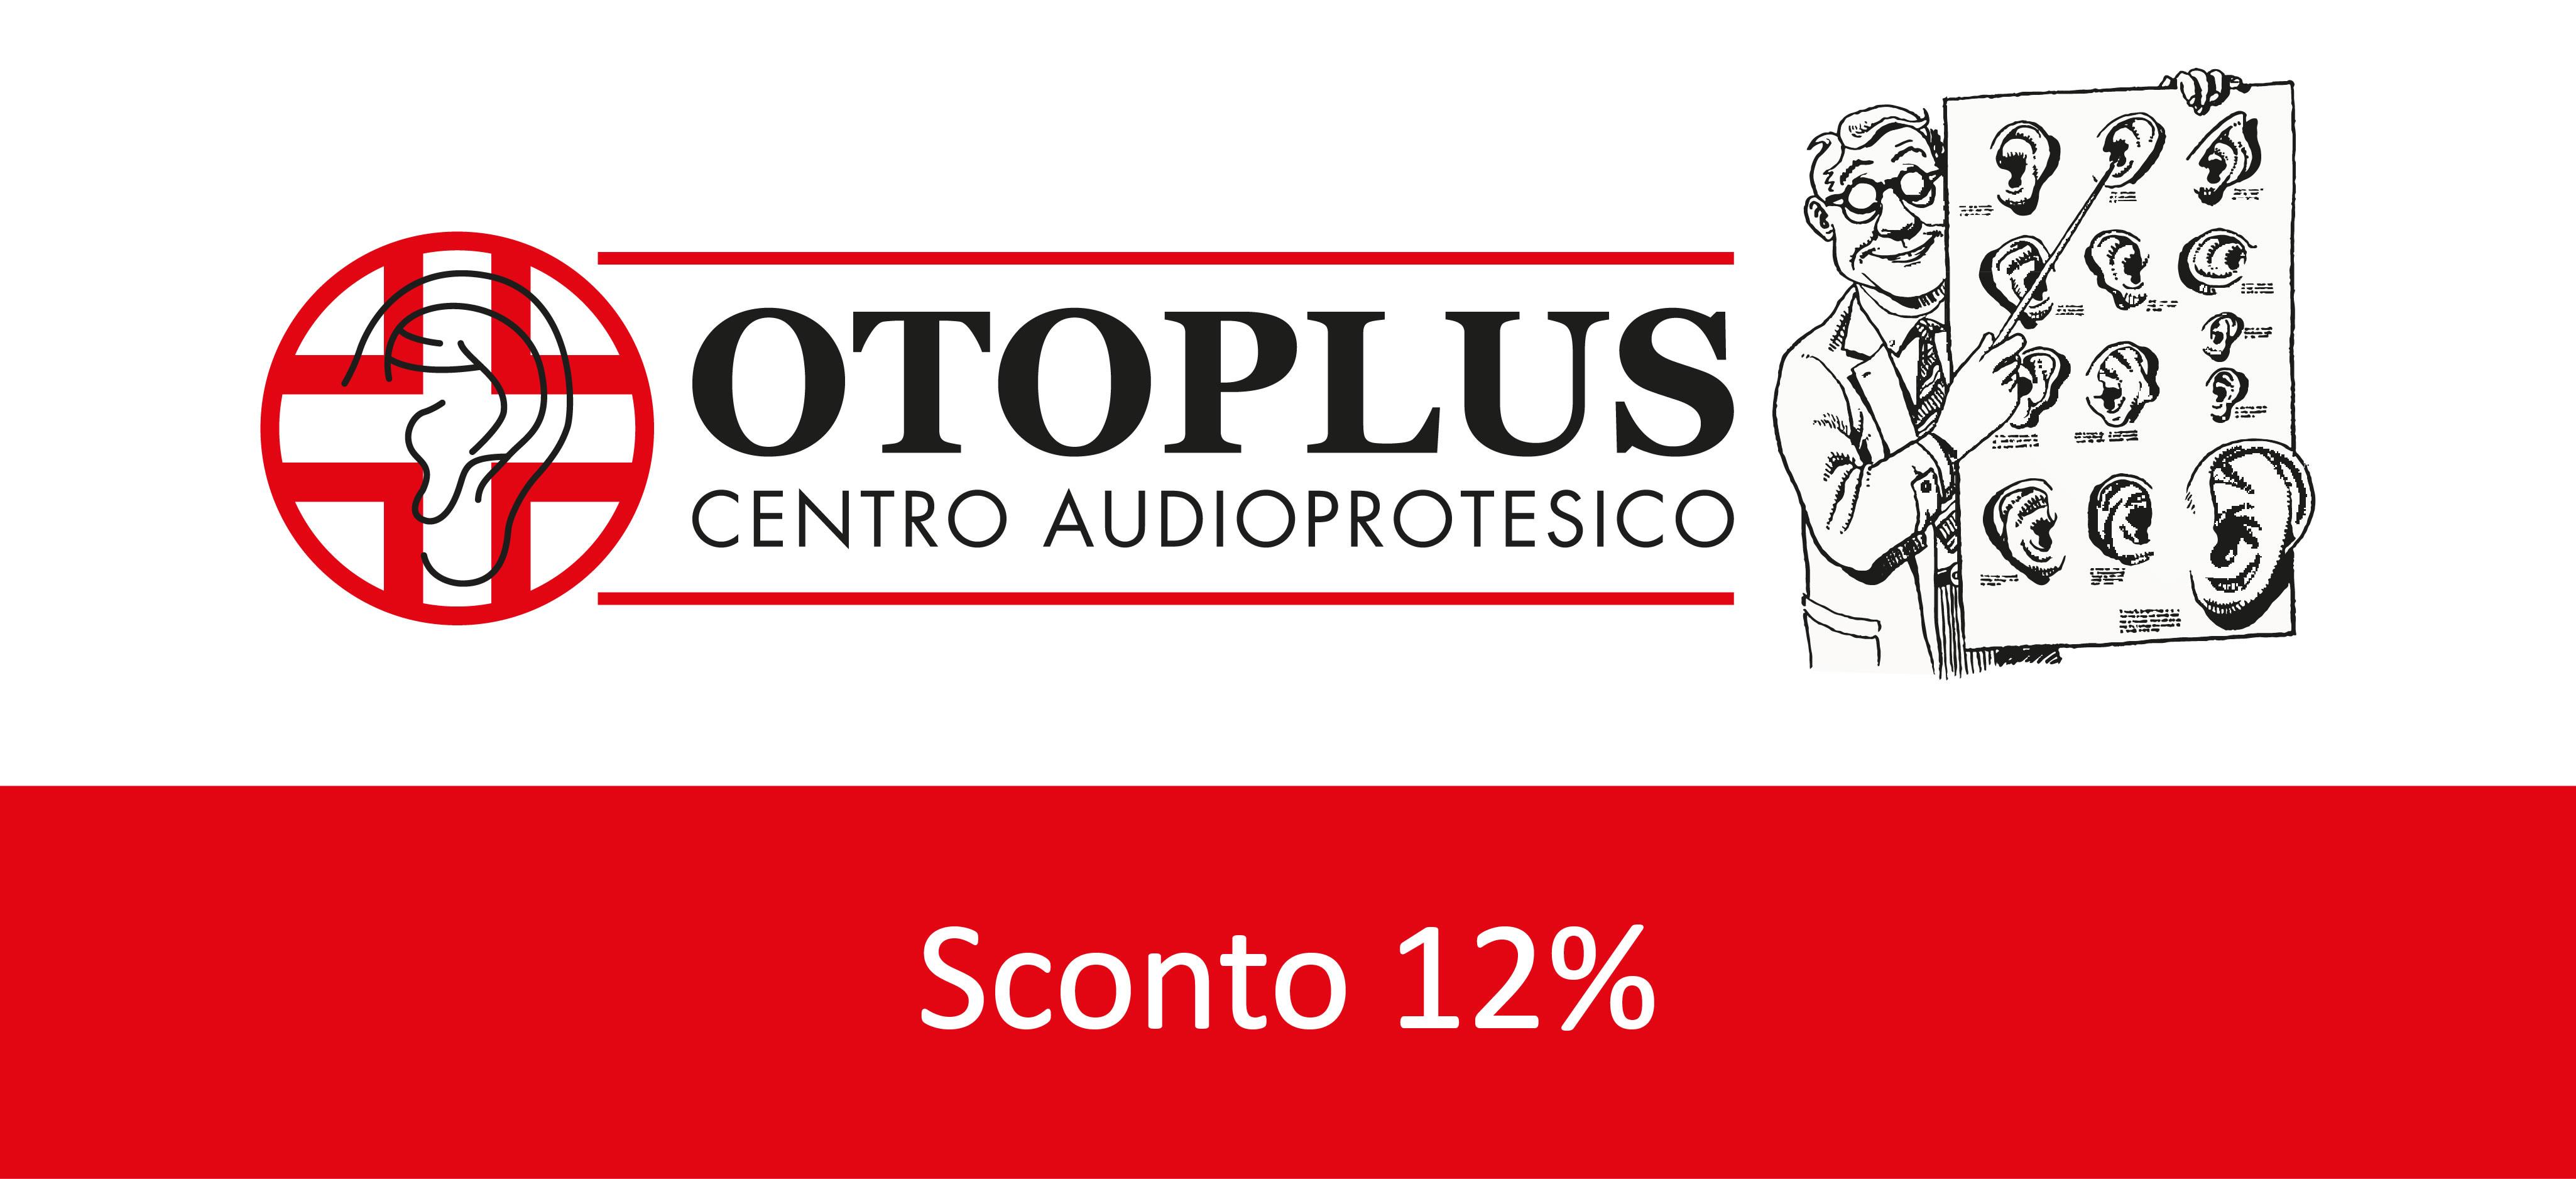 Otoplus Audio